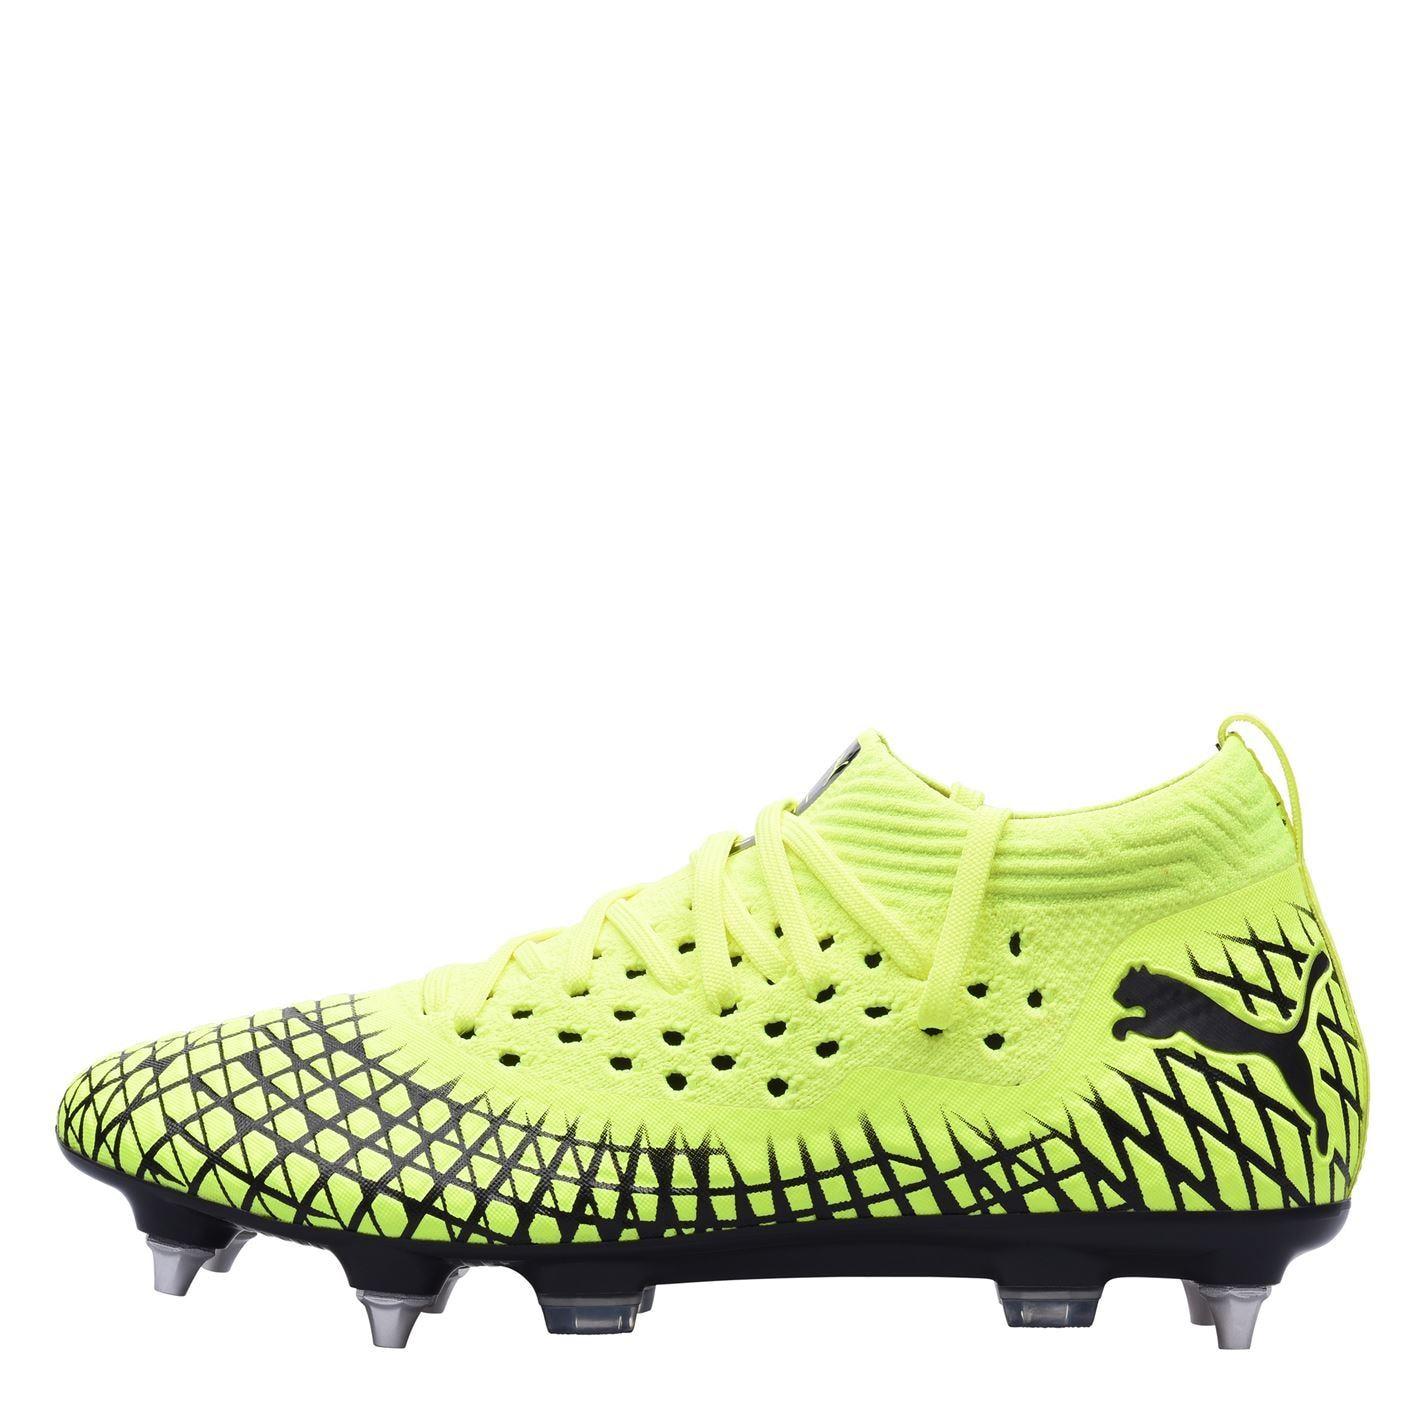 miniature 13 - Puma-Future-4-2-Homme-netfit-FG-Firm-Ground-Chaussures-De-Football-Chaussures-de-foot-crampons